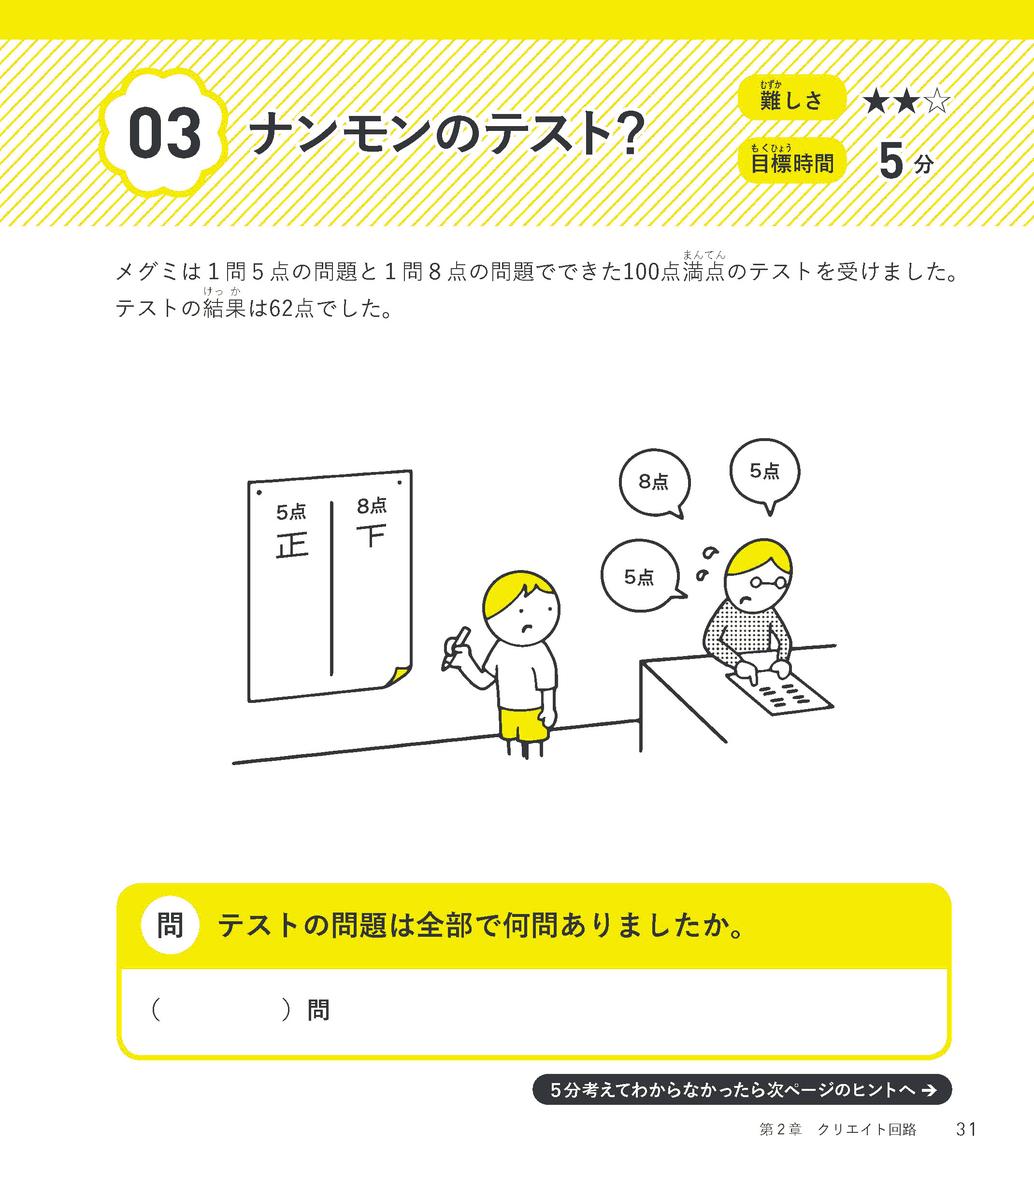 f:id:mojiru:20200703090610j:plain